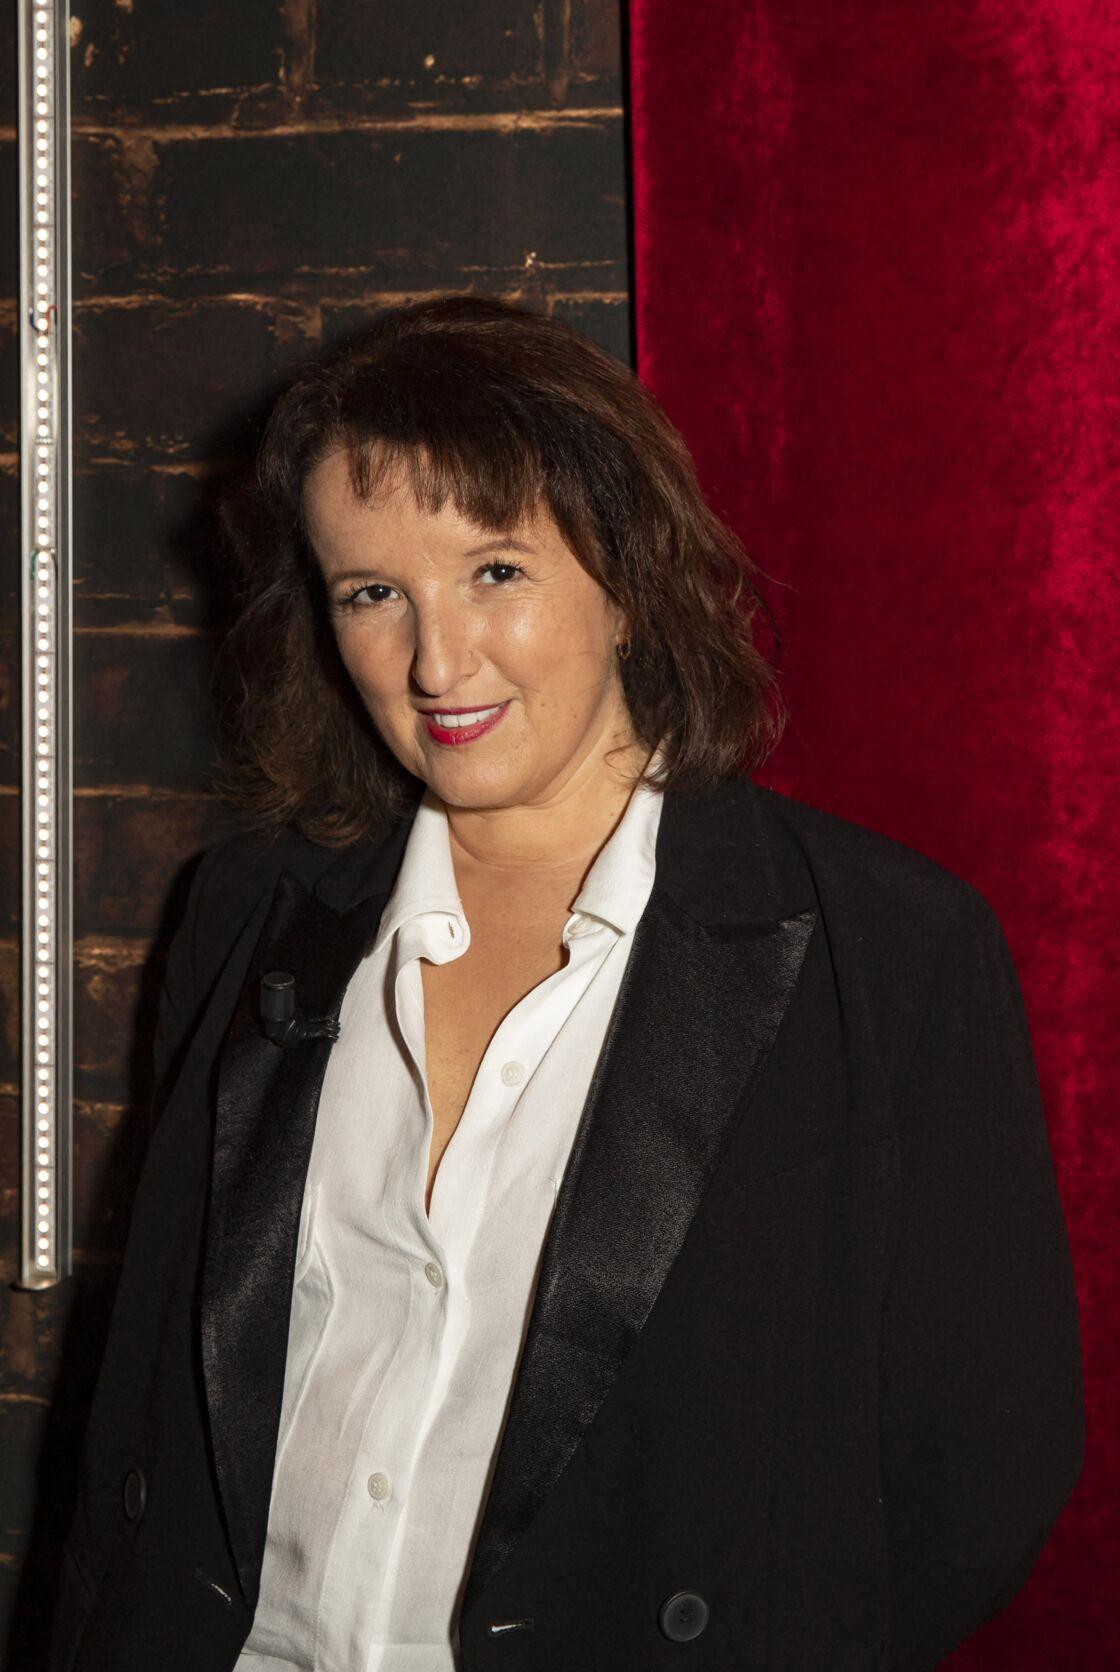 Anne Roumanoff dans les coulisses de l'émission On est presque en direct le 24 octobre 2020